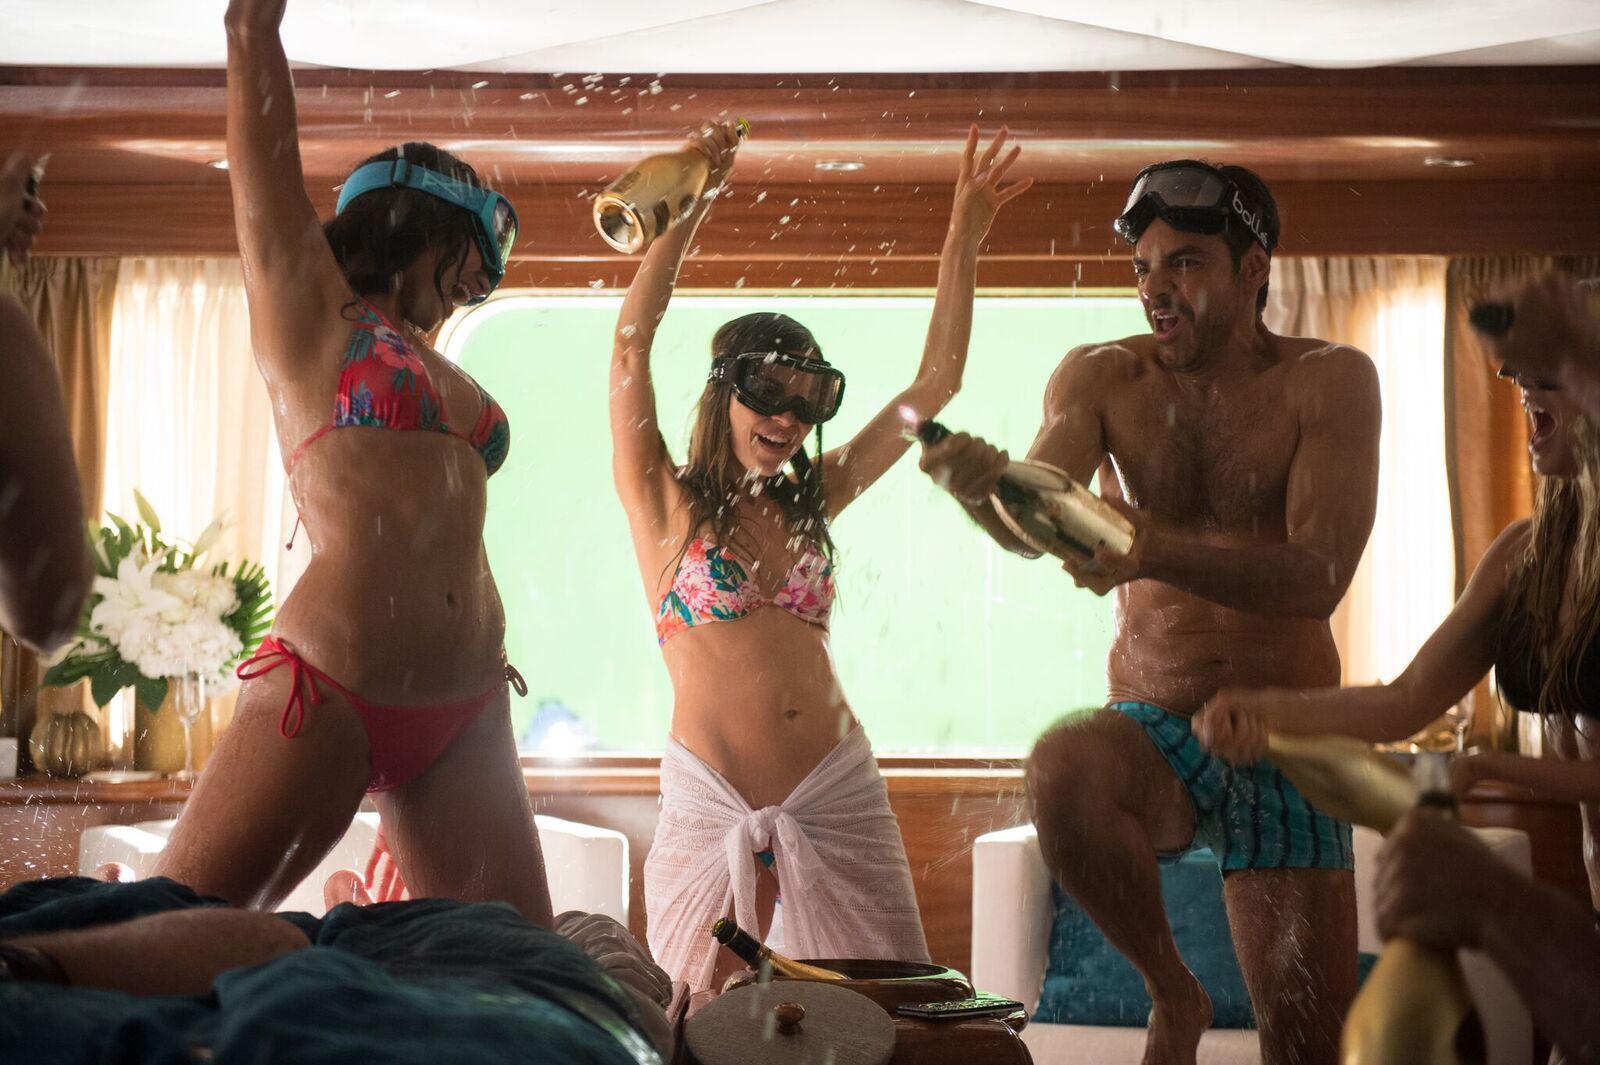 Hombre al agua (Overboard) – La nueva película de Eugenio Derbez estrena en México el jueves 10 de mayo